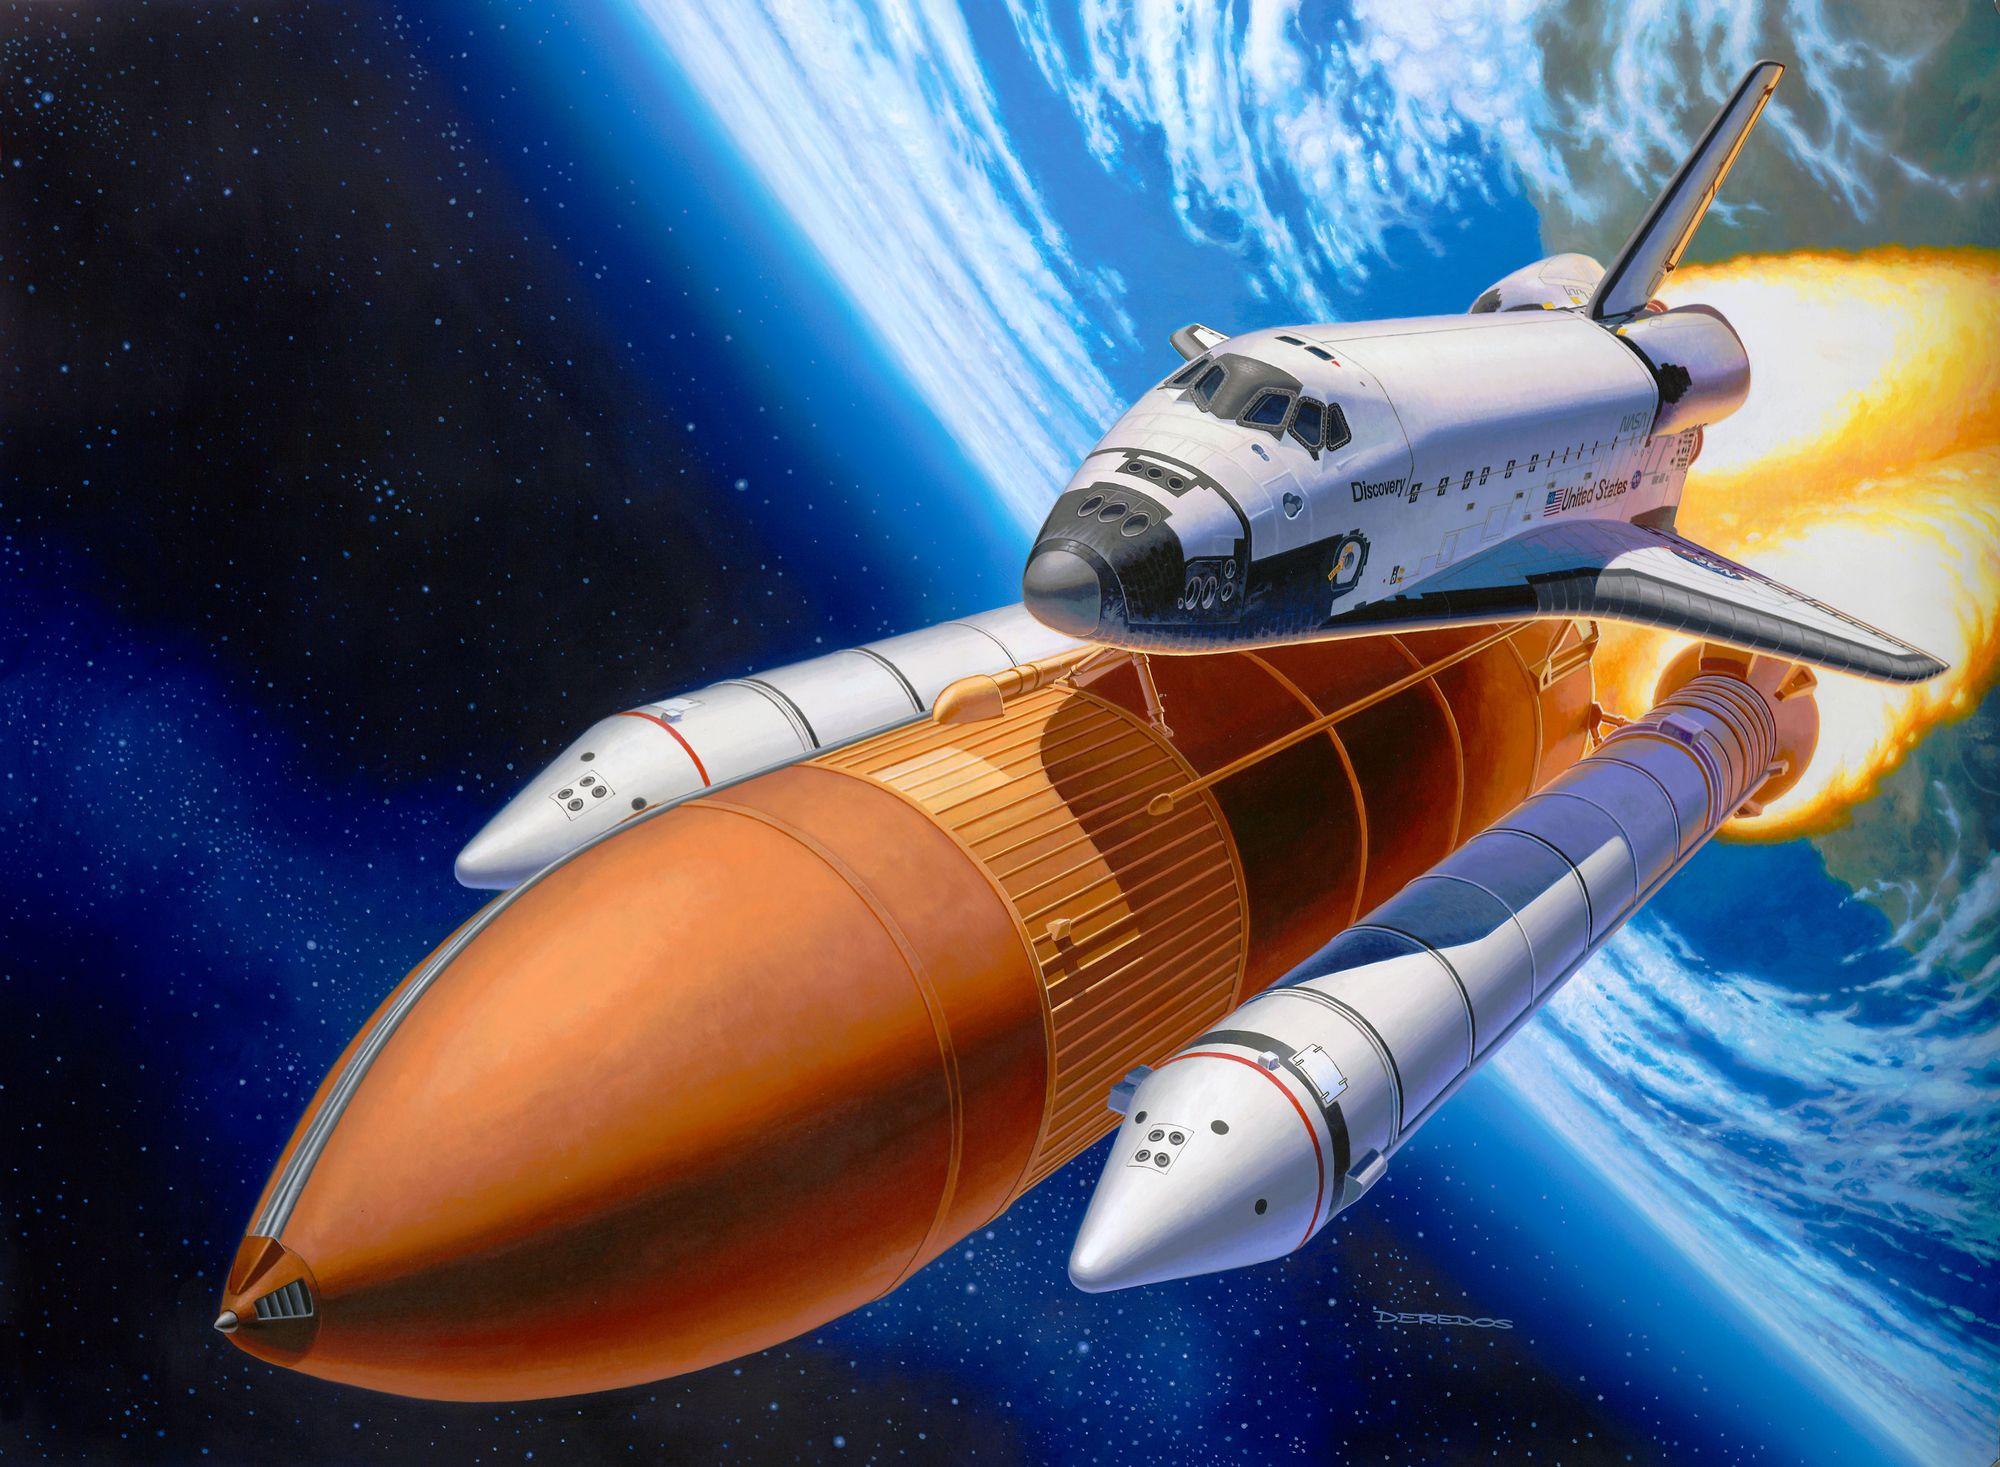 Revell-05674-Gift-Set-Space-Shuttle-Booster-Rockets-40th-Anniversary Revell Neuheiten 2021